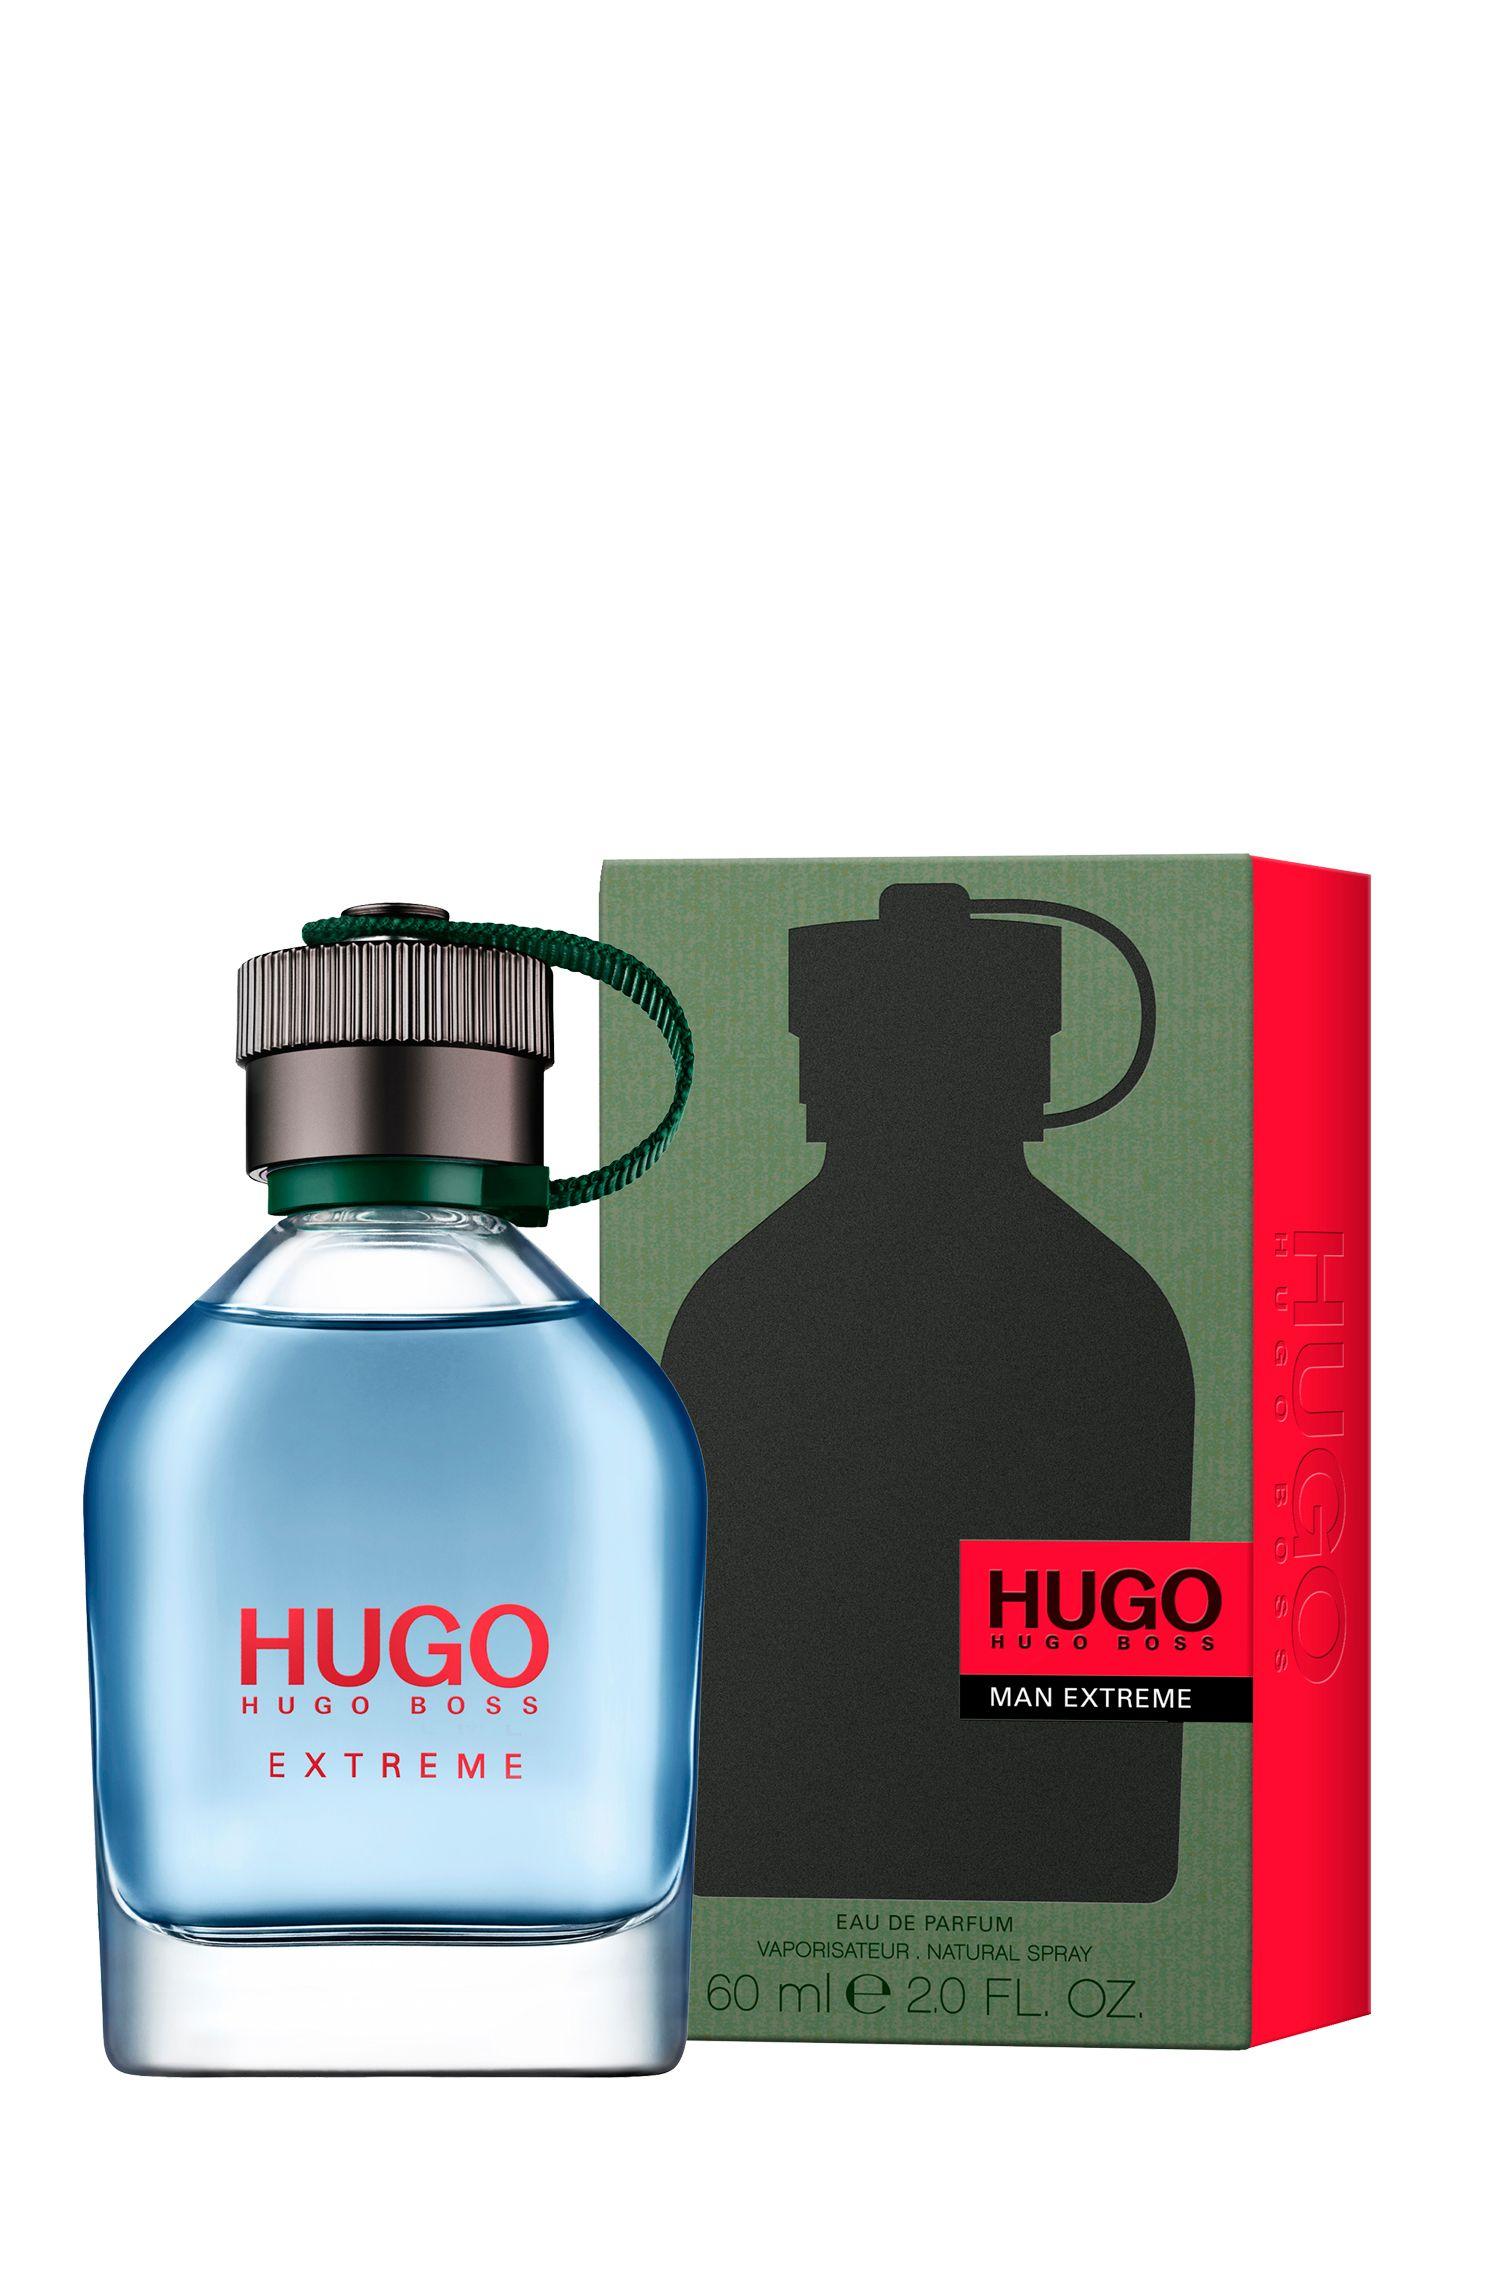 'HUGO Man Extreme' eau de parfum 60ml